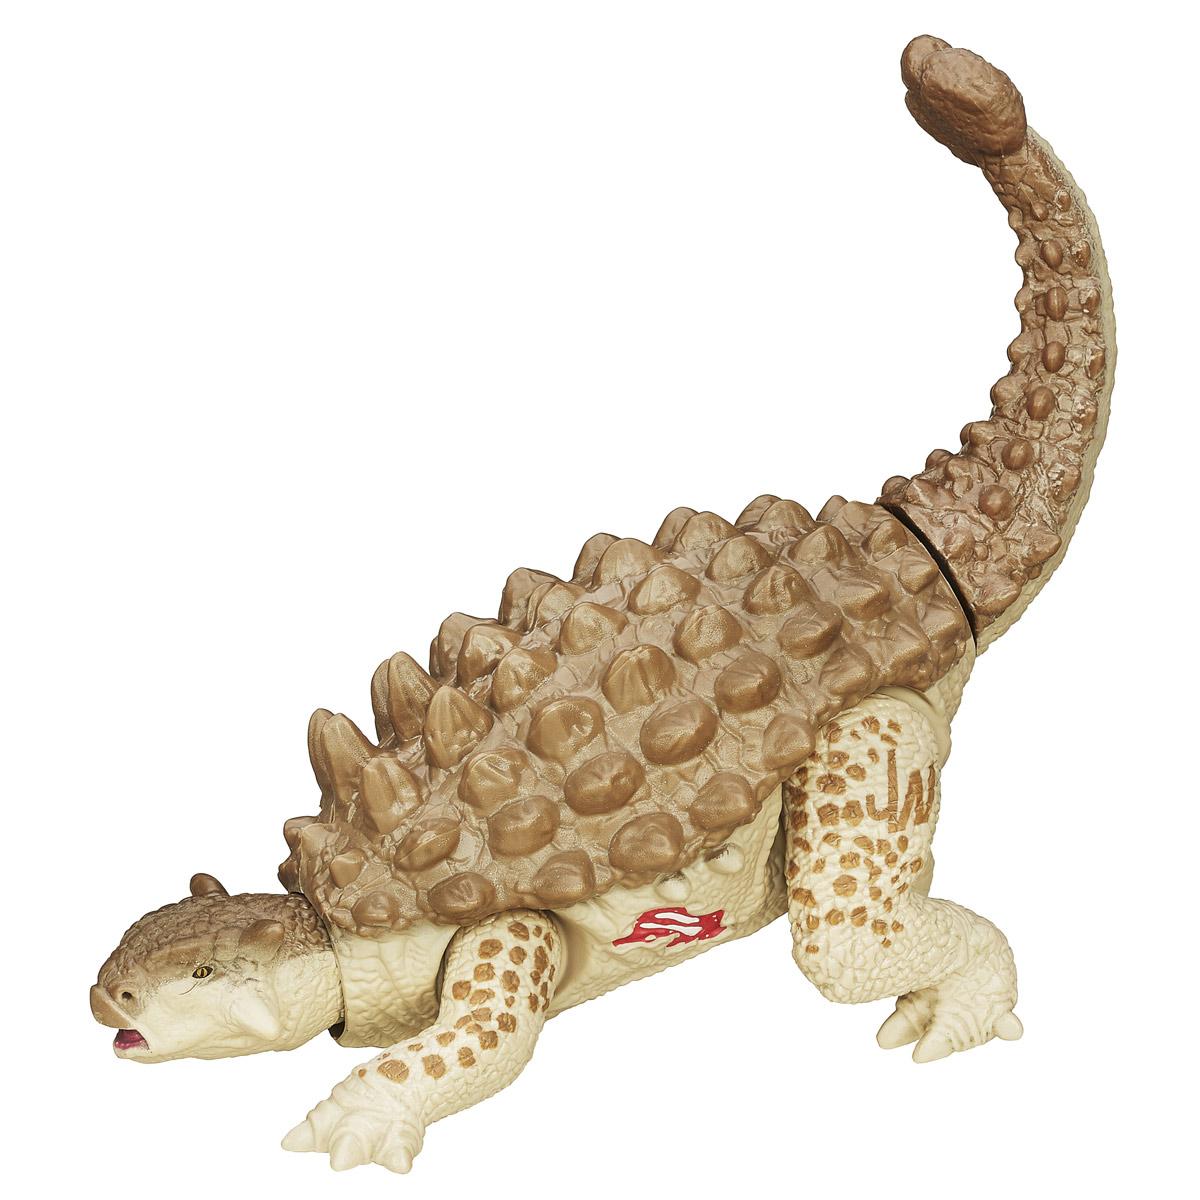 Фигурка Jurassic World AnkylosaurusB1271_B1273_ANKYLOSAURUSФигурка динозавра Jurassic World Ankylosaurus непременно понравится вашему ребенку! Огромный доисторический ящер у вас дома - теперь это реальность. Что может быть лучше в качестве подарка для ребенка или поклонника культового фильма Парк Юрского периода? Фигурка обладает отличной детализацией и сохранением пропорций тела динозавра. Игрушка изготовлена из безопасных и надежных материалов, на высоком уровне имитирующих особенности кожи древних ящеров. Верхние и нижние конечности фигурки двигаются. При движении хвостом рептилия также выдвигает голову на подвижной шее. Голова также поворачивается в стороны. Ваш ребенок часами будет играть с фигуркой, придумывая различные истории. Порадуйте его таким замечательным подарком!